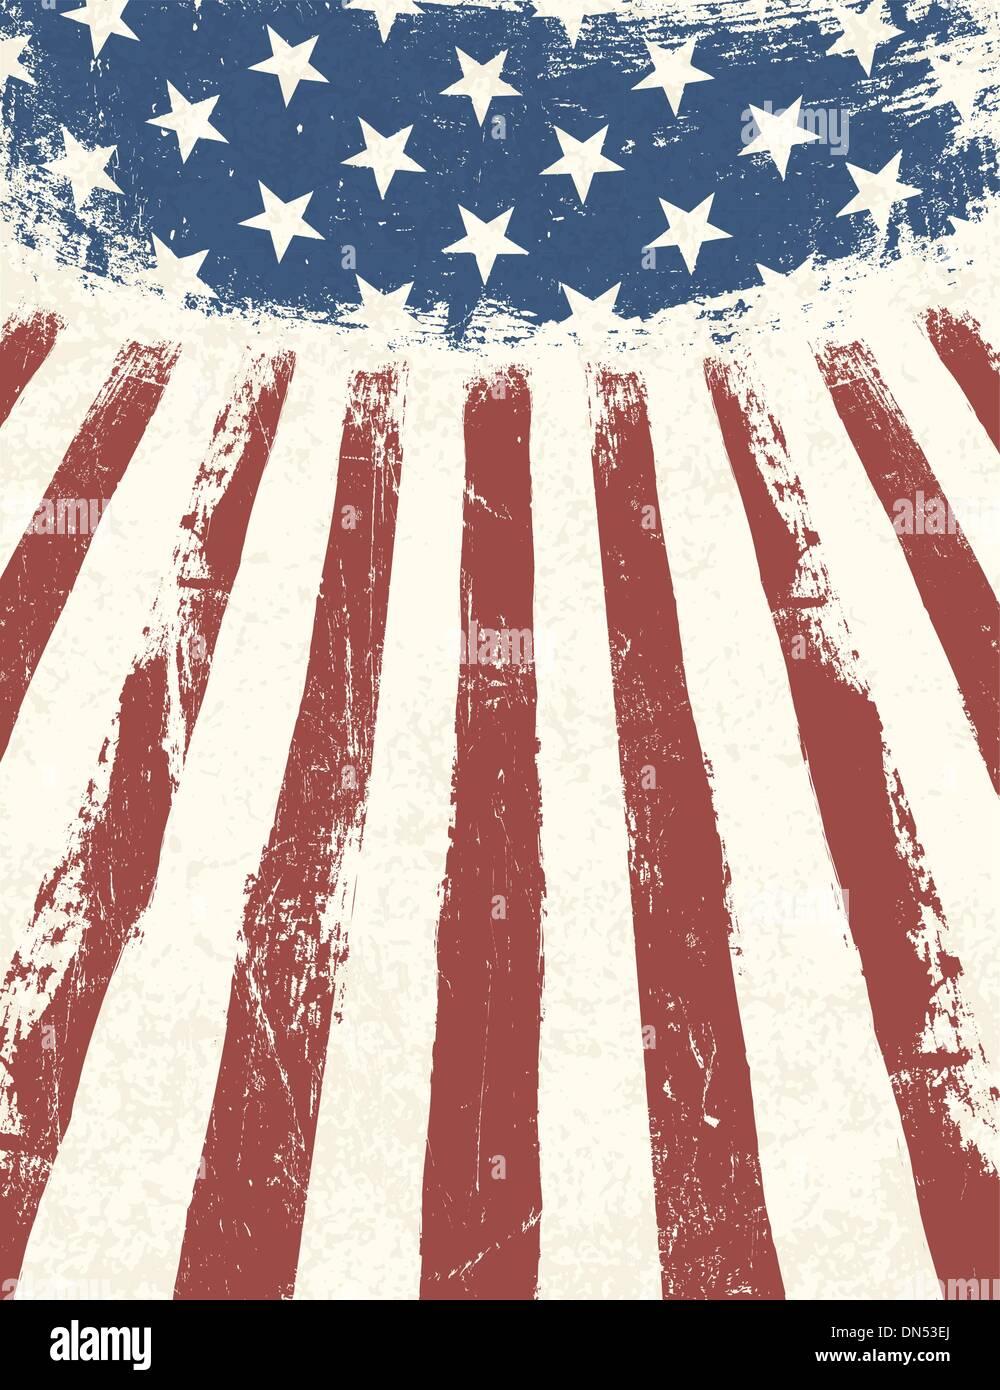 Temática de fondo la bandera americana. Vector Imagen De Stock